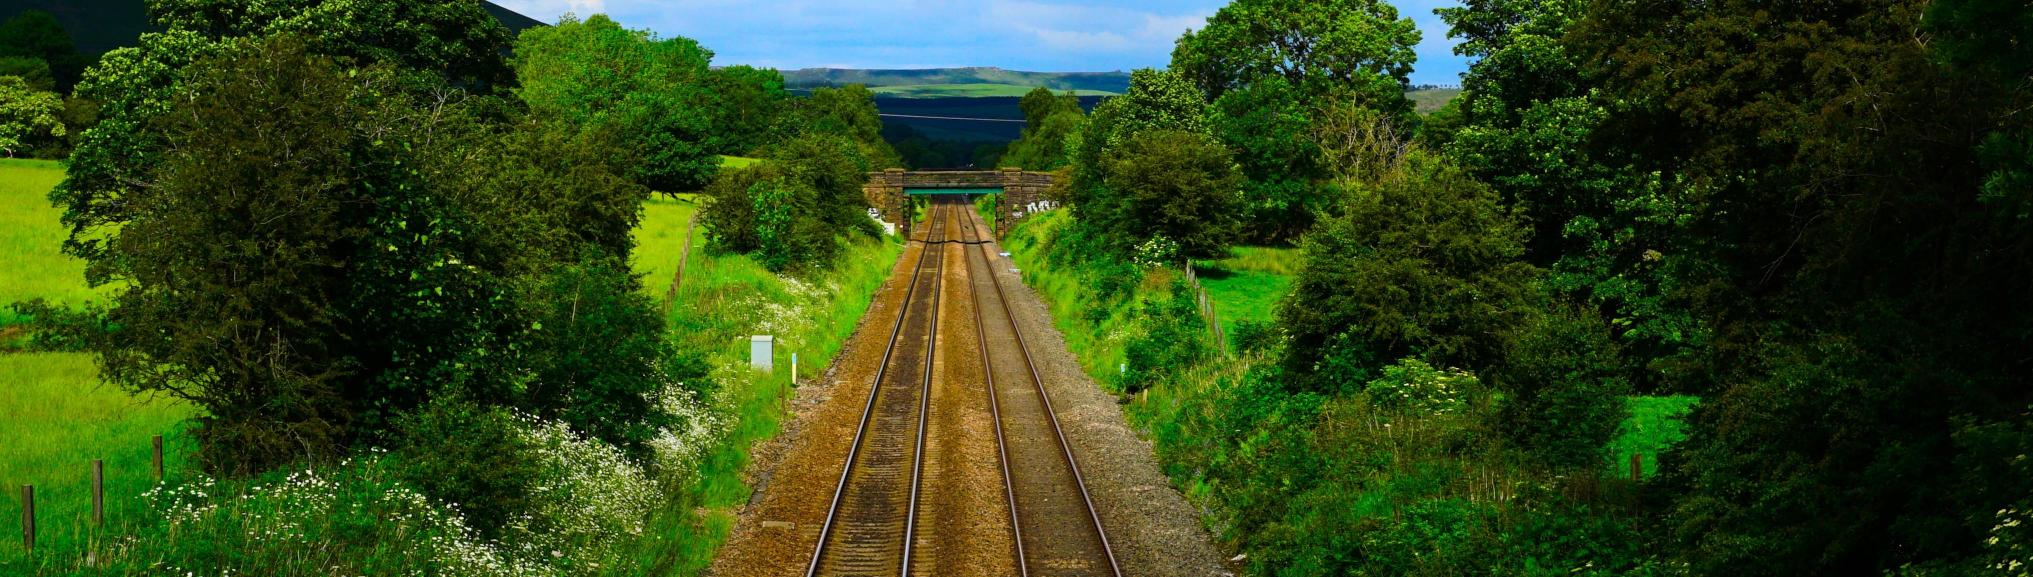 Treinspoor Engeland